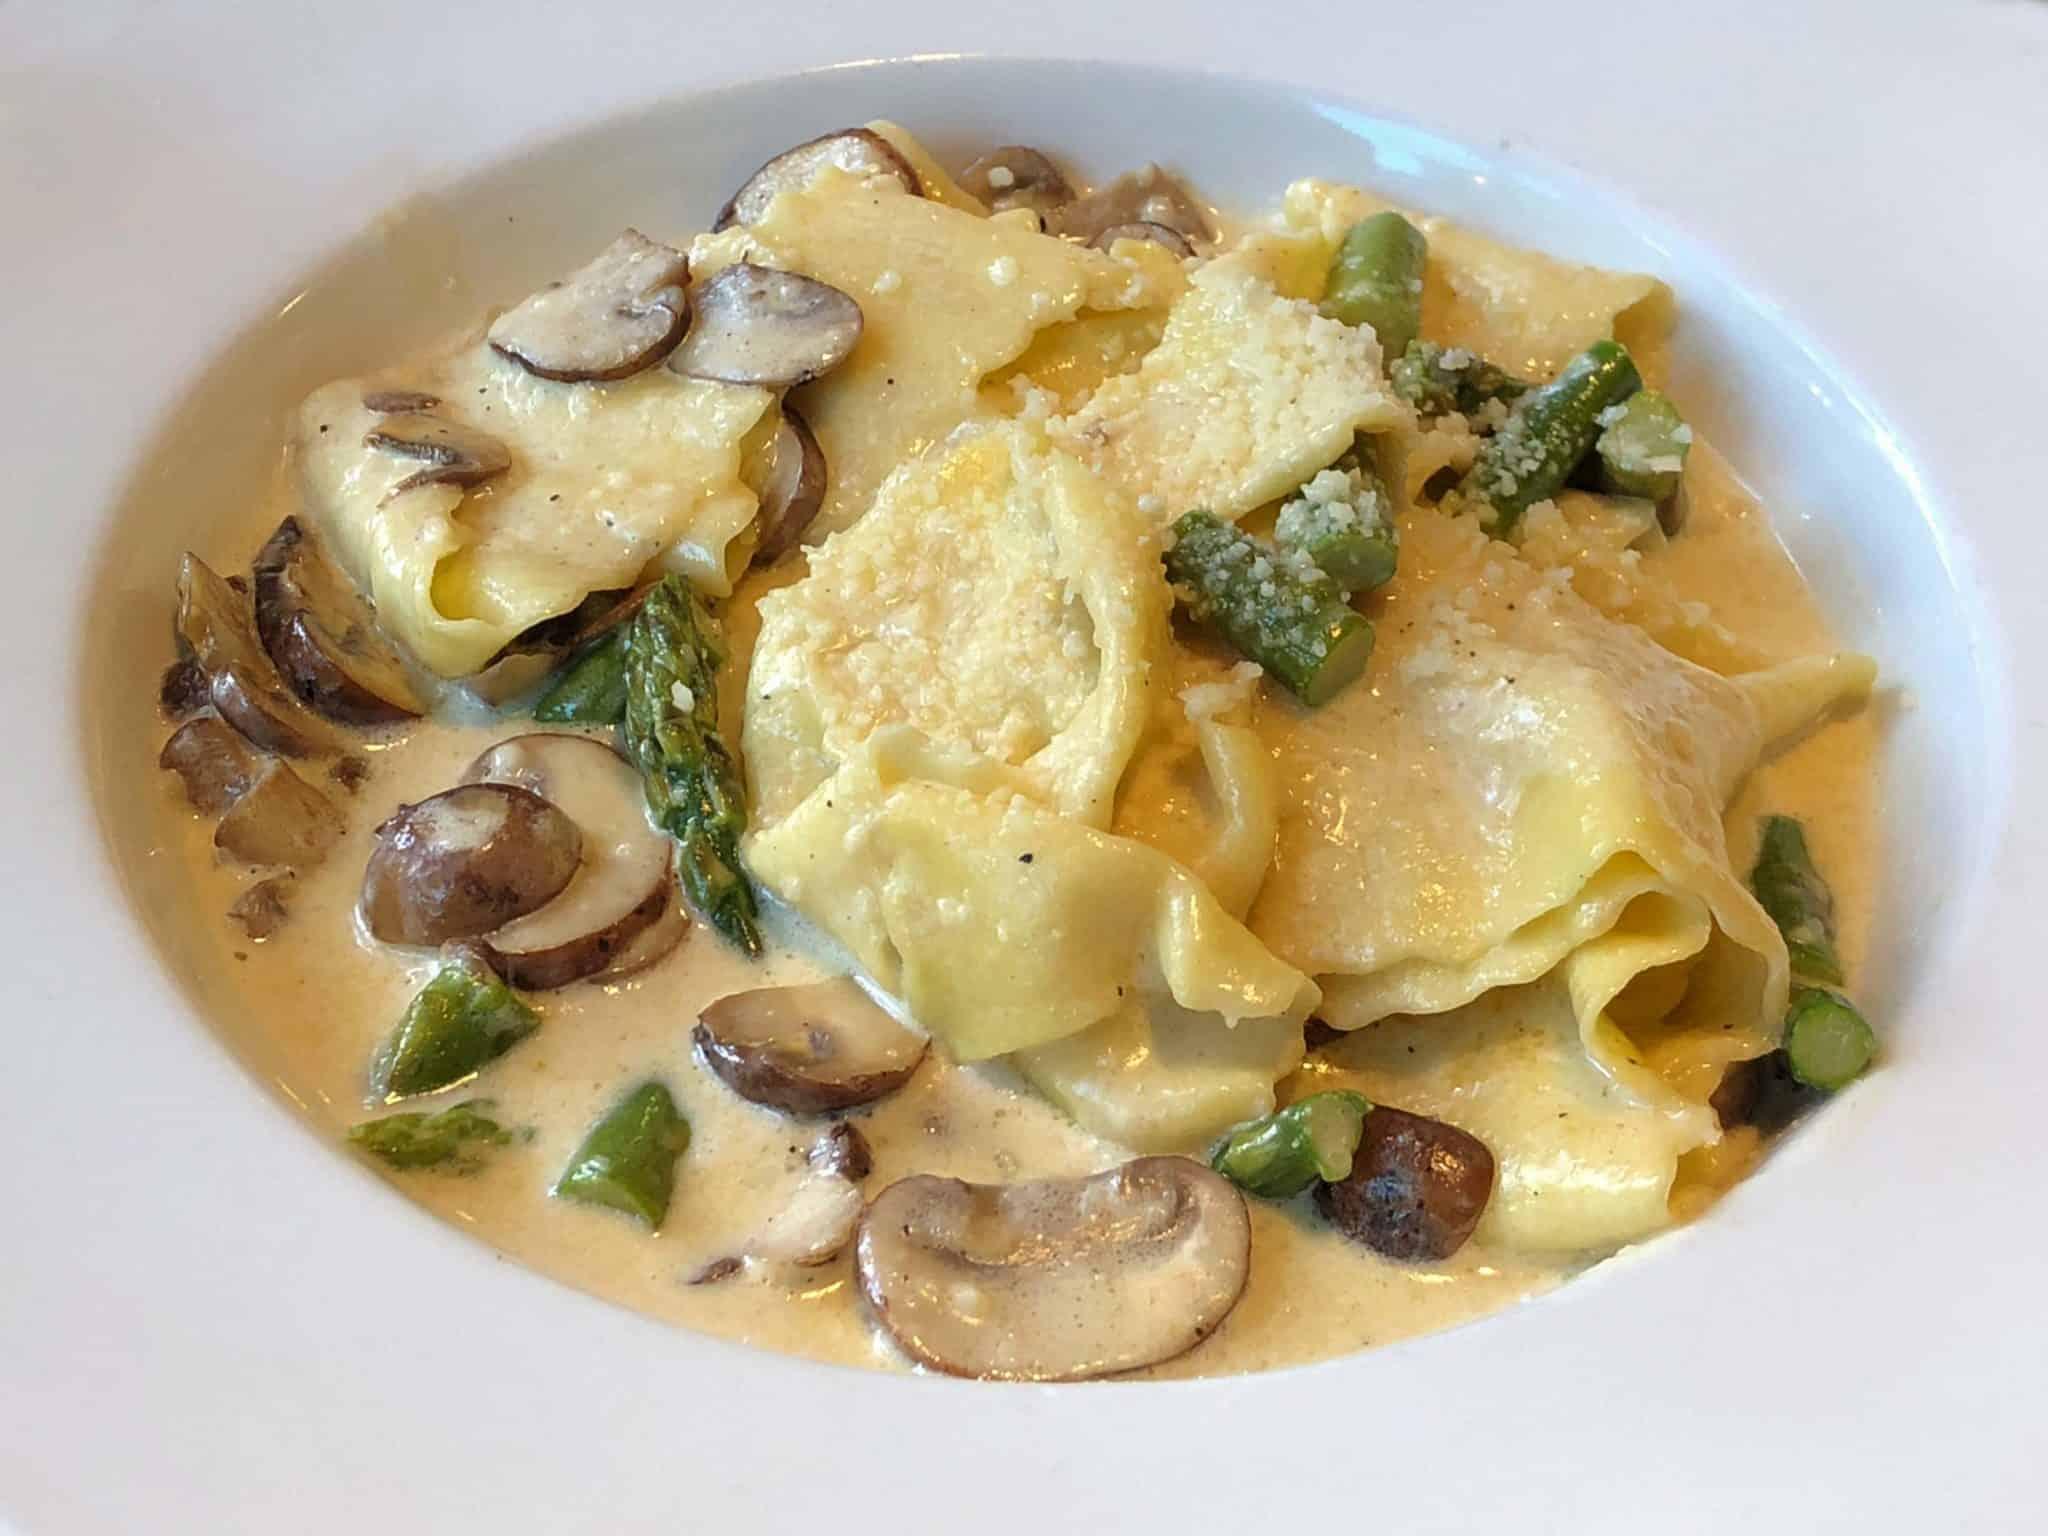 puglia_italy_pasta_asparagus_mushrooms